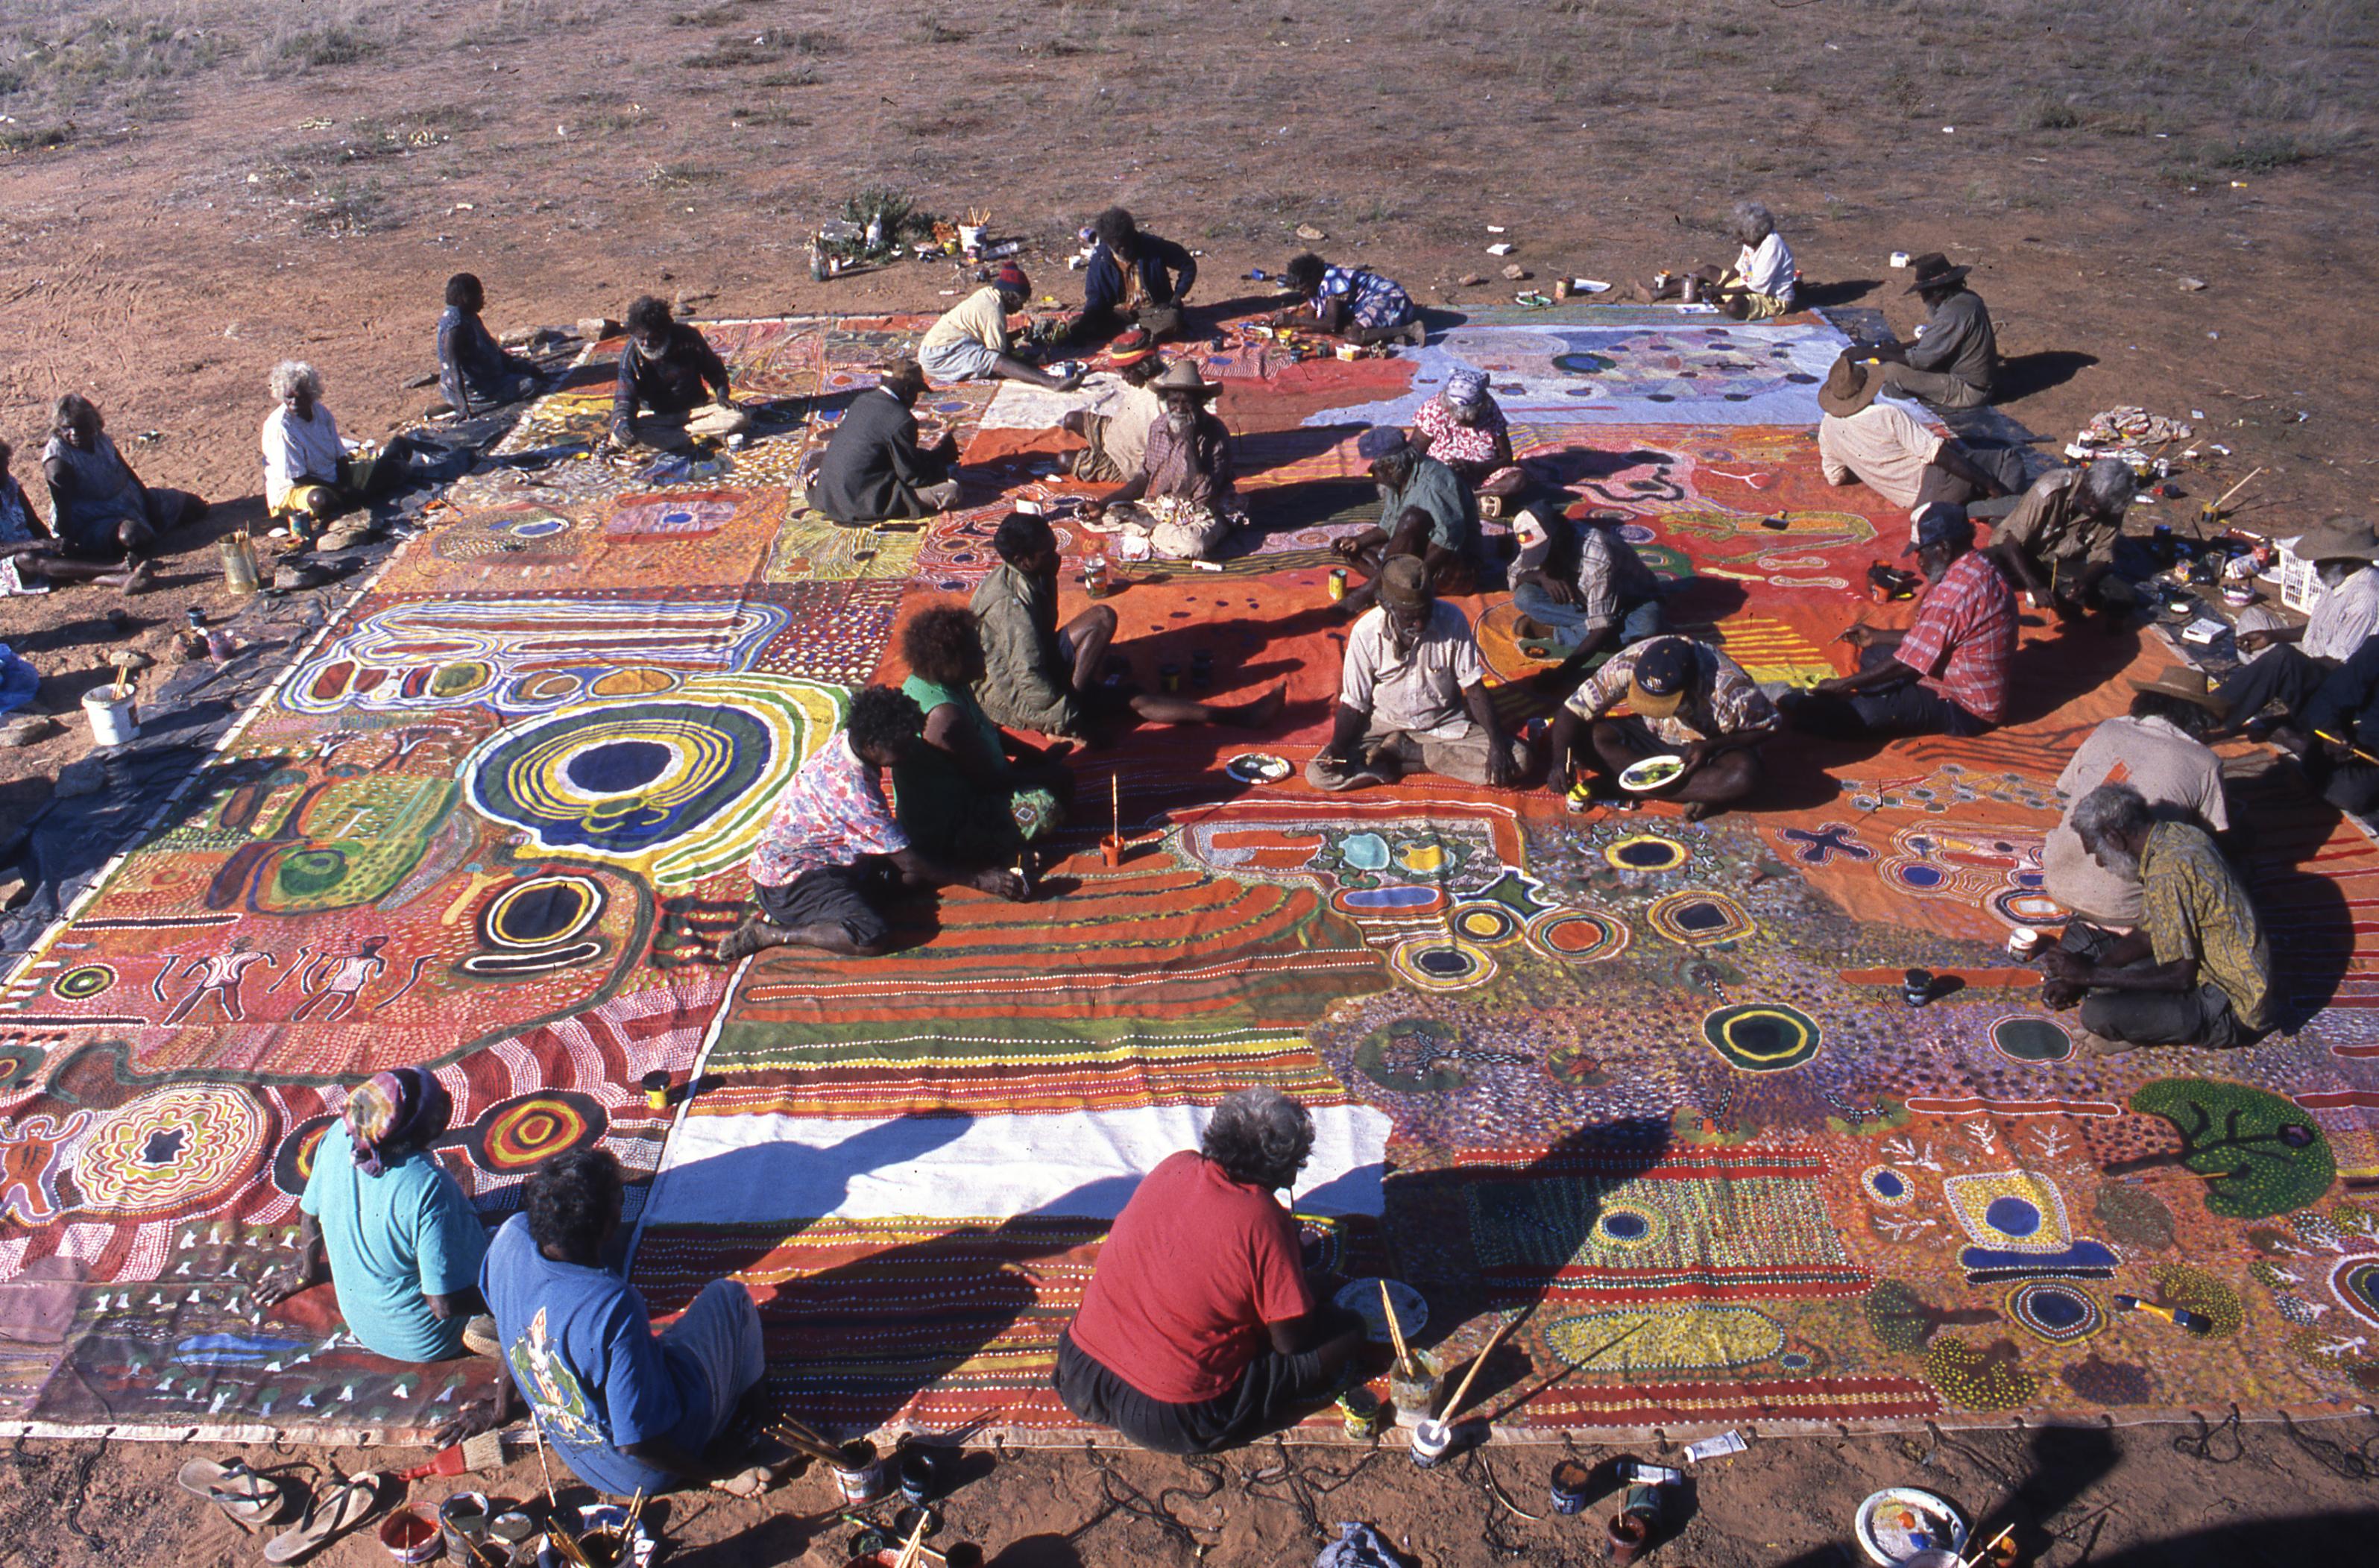 Ngurrara artists producing Ngurrara Canvas II at Pirnini, May 1997. Photo by K. Dayman (Ngurrara Artists and Mangkaja Arts Resource Agency)